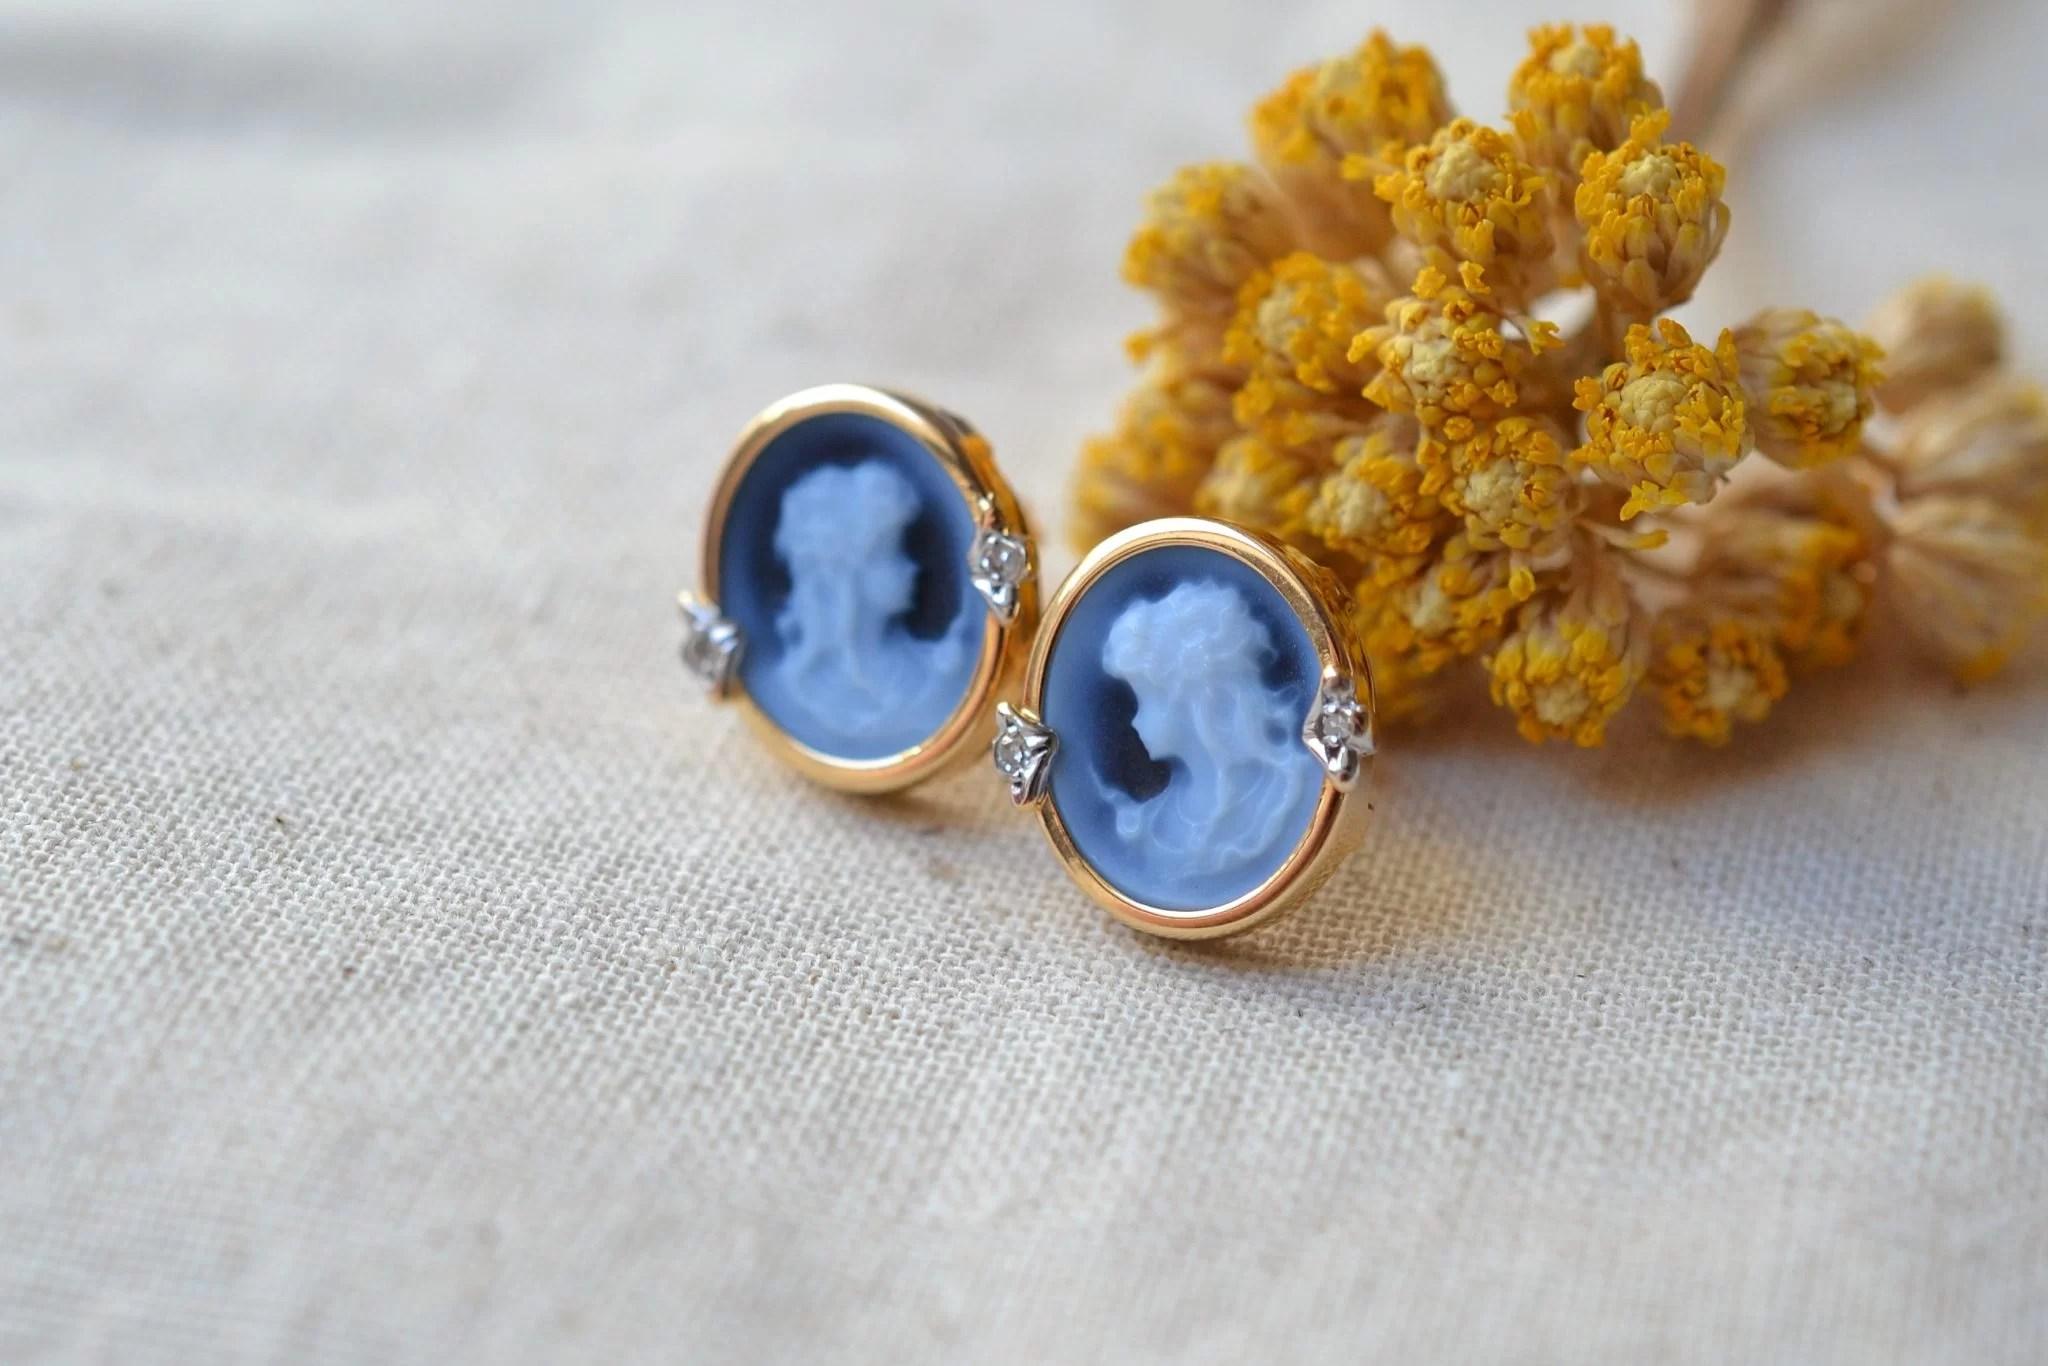 Paire de clous en Or jaune sertis de camées bleus - boucles d_oreilles éthiques